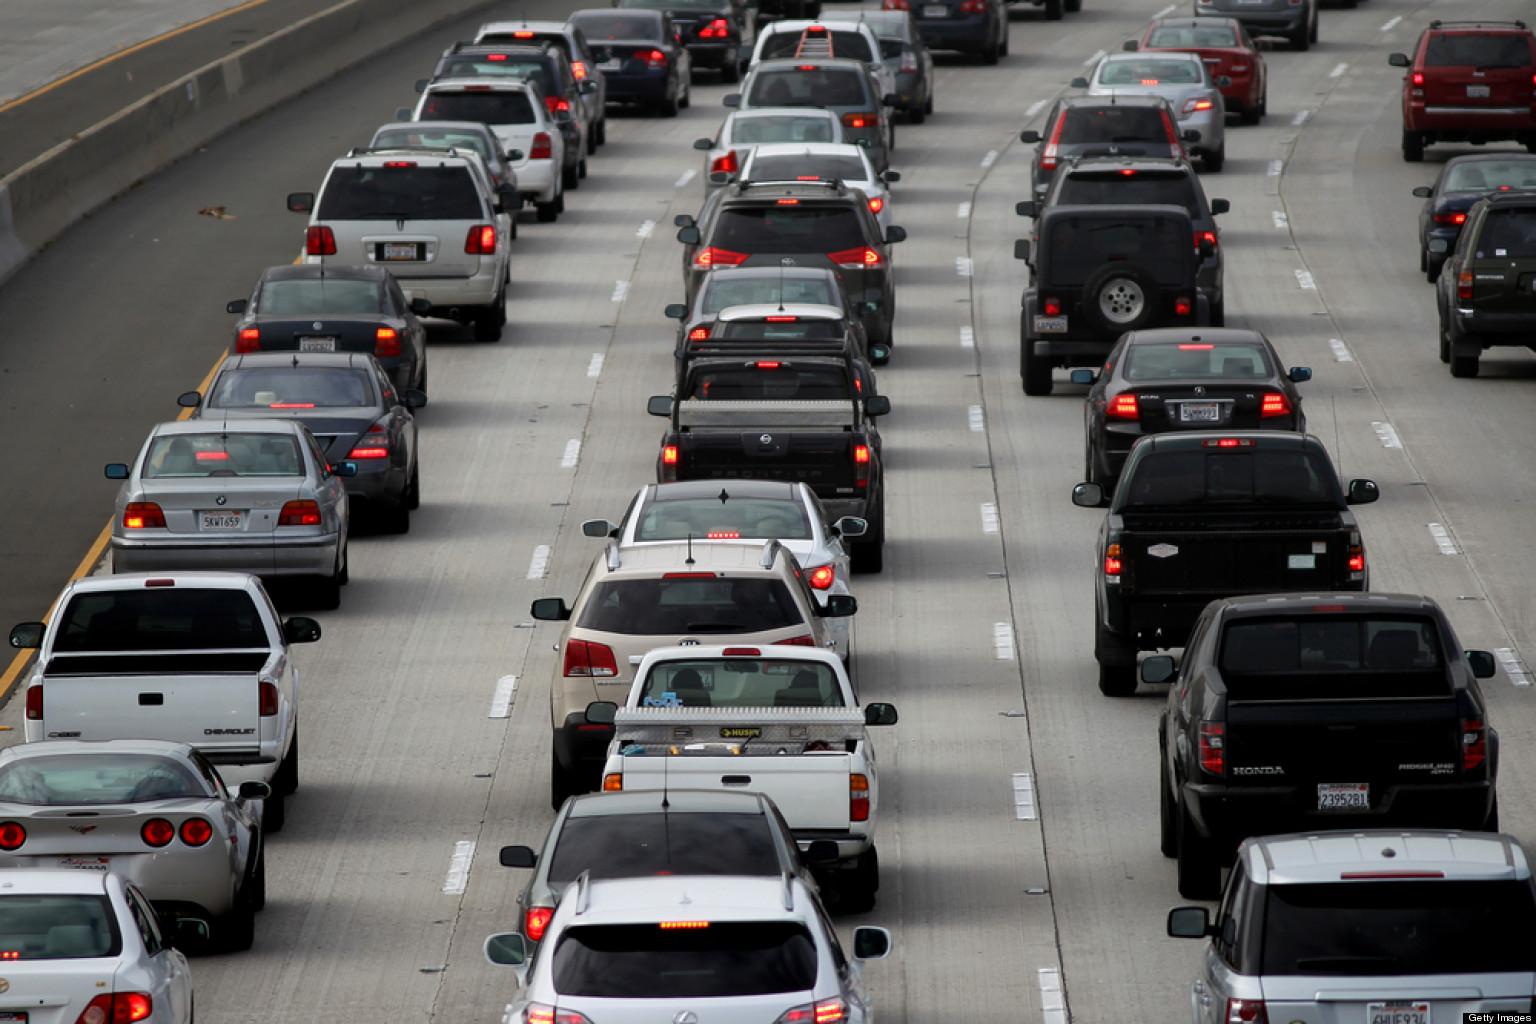 WATCH: A Majority Of U.S. Transit Is Still Reliant On Oil